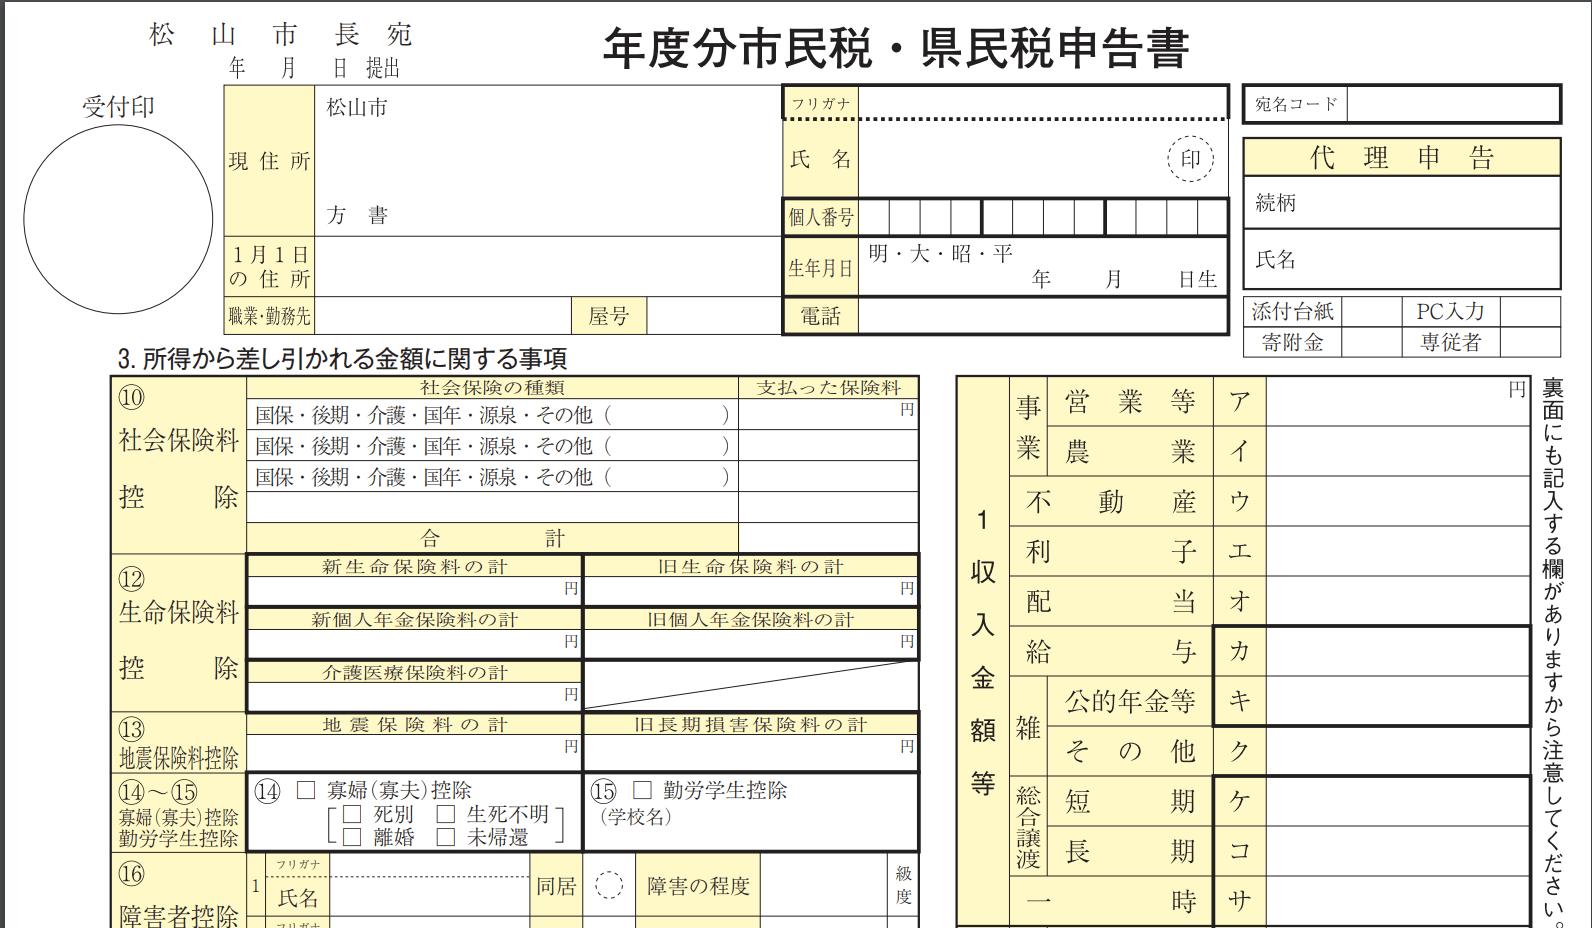 Haitoukoujo matsuyama